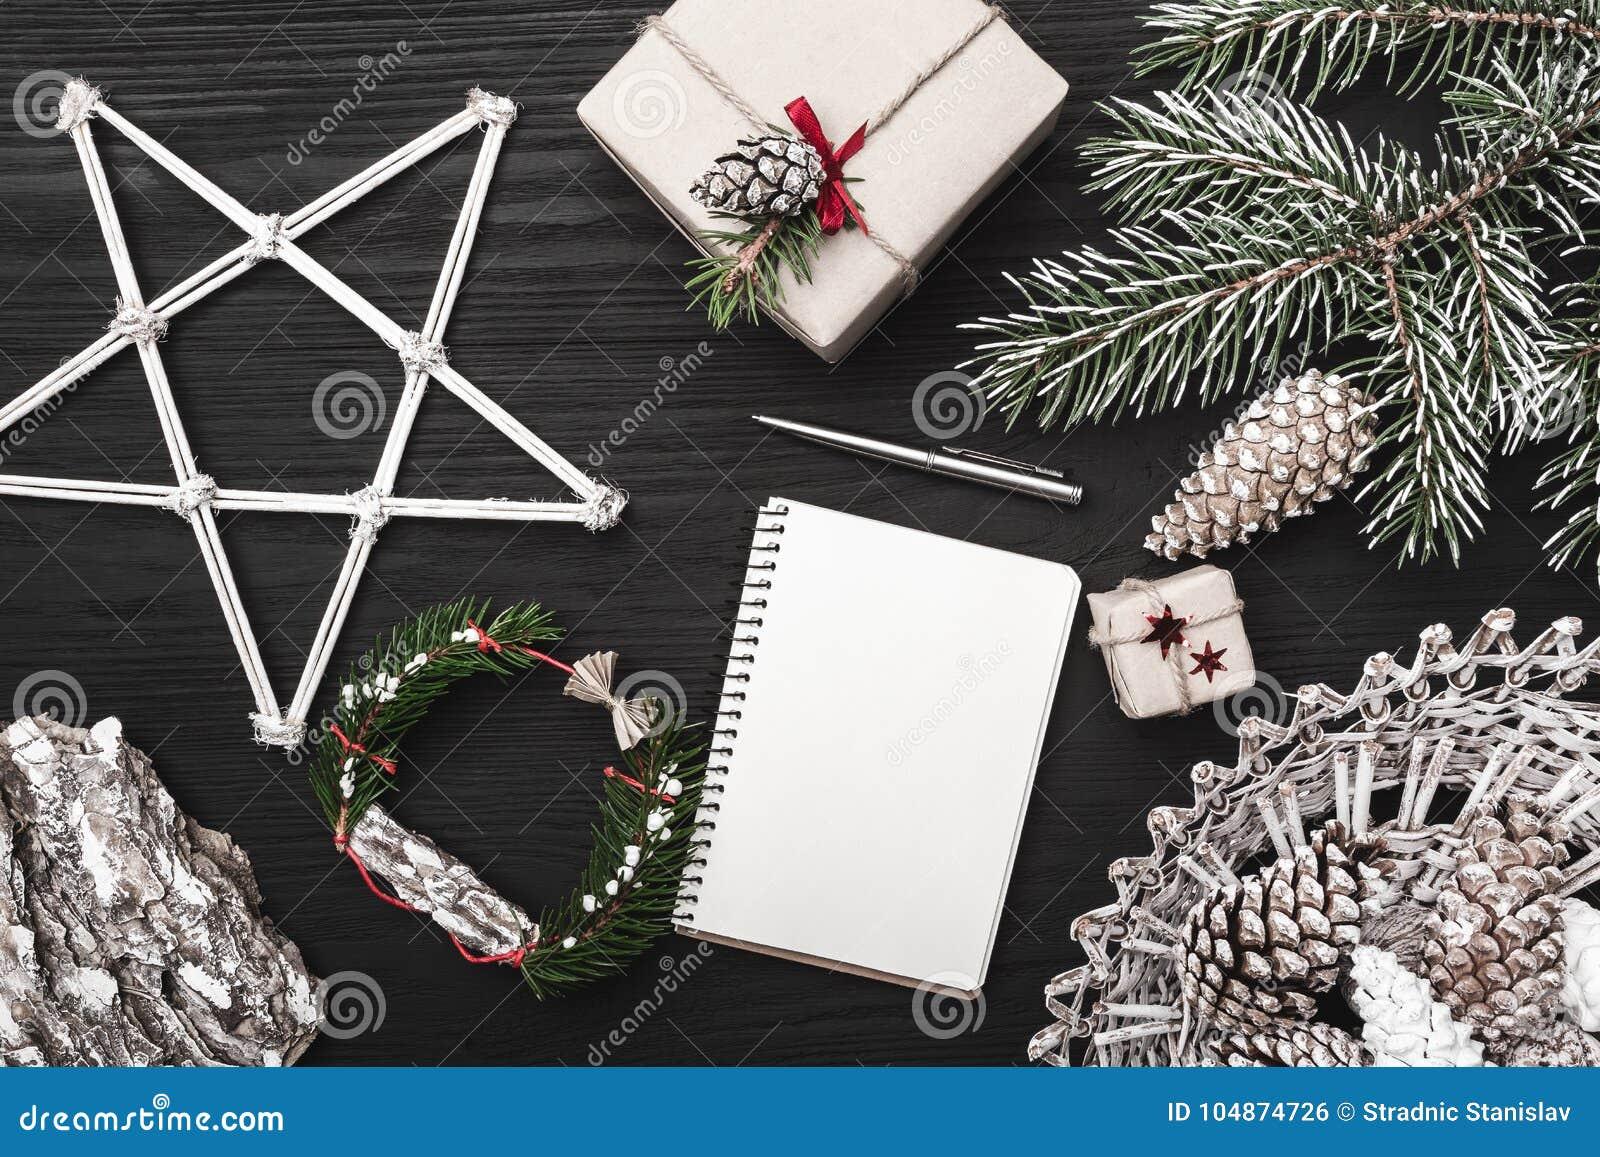 De gelukwensen op de wintervakantie, een spar met kegel, verfraaiden artistiek decoratieve voorwerpen